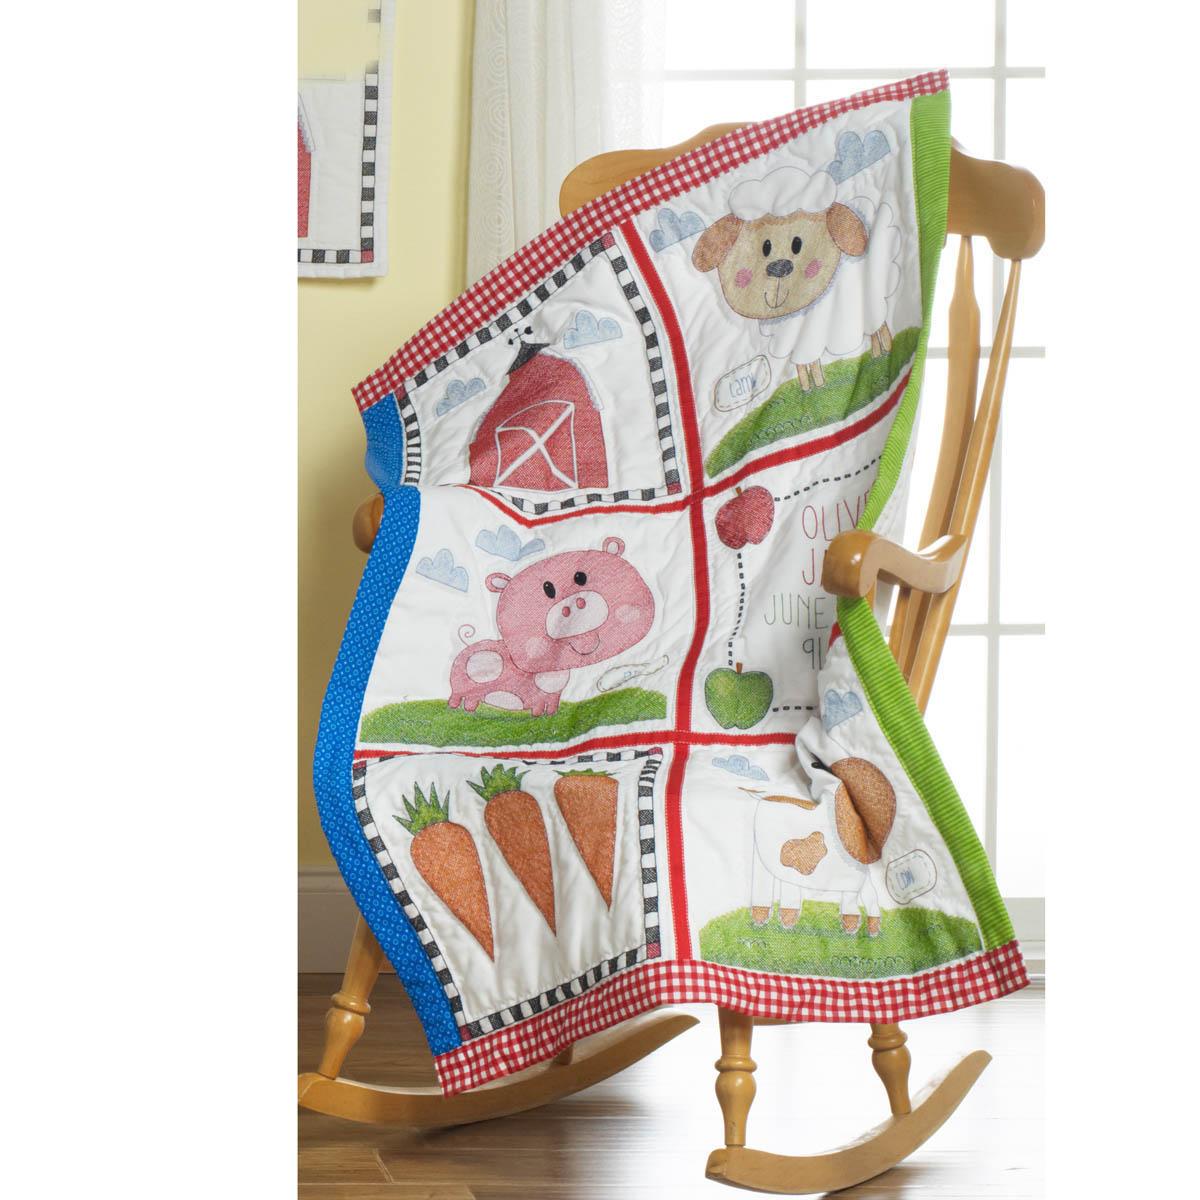 Bucilla ® Baby - Stamped Cross Stitch - Crib Ensembles - Farm Animals - Quilt Blocks - 47731